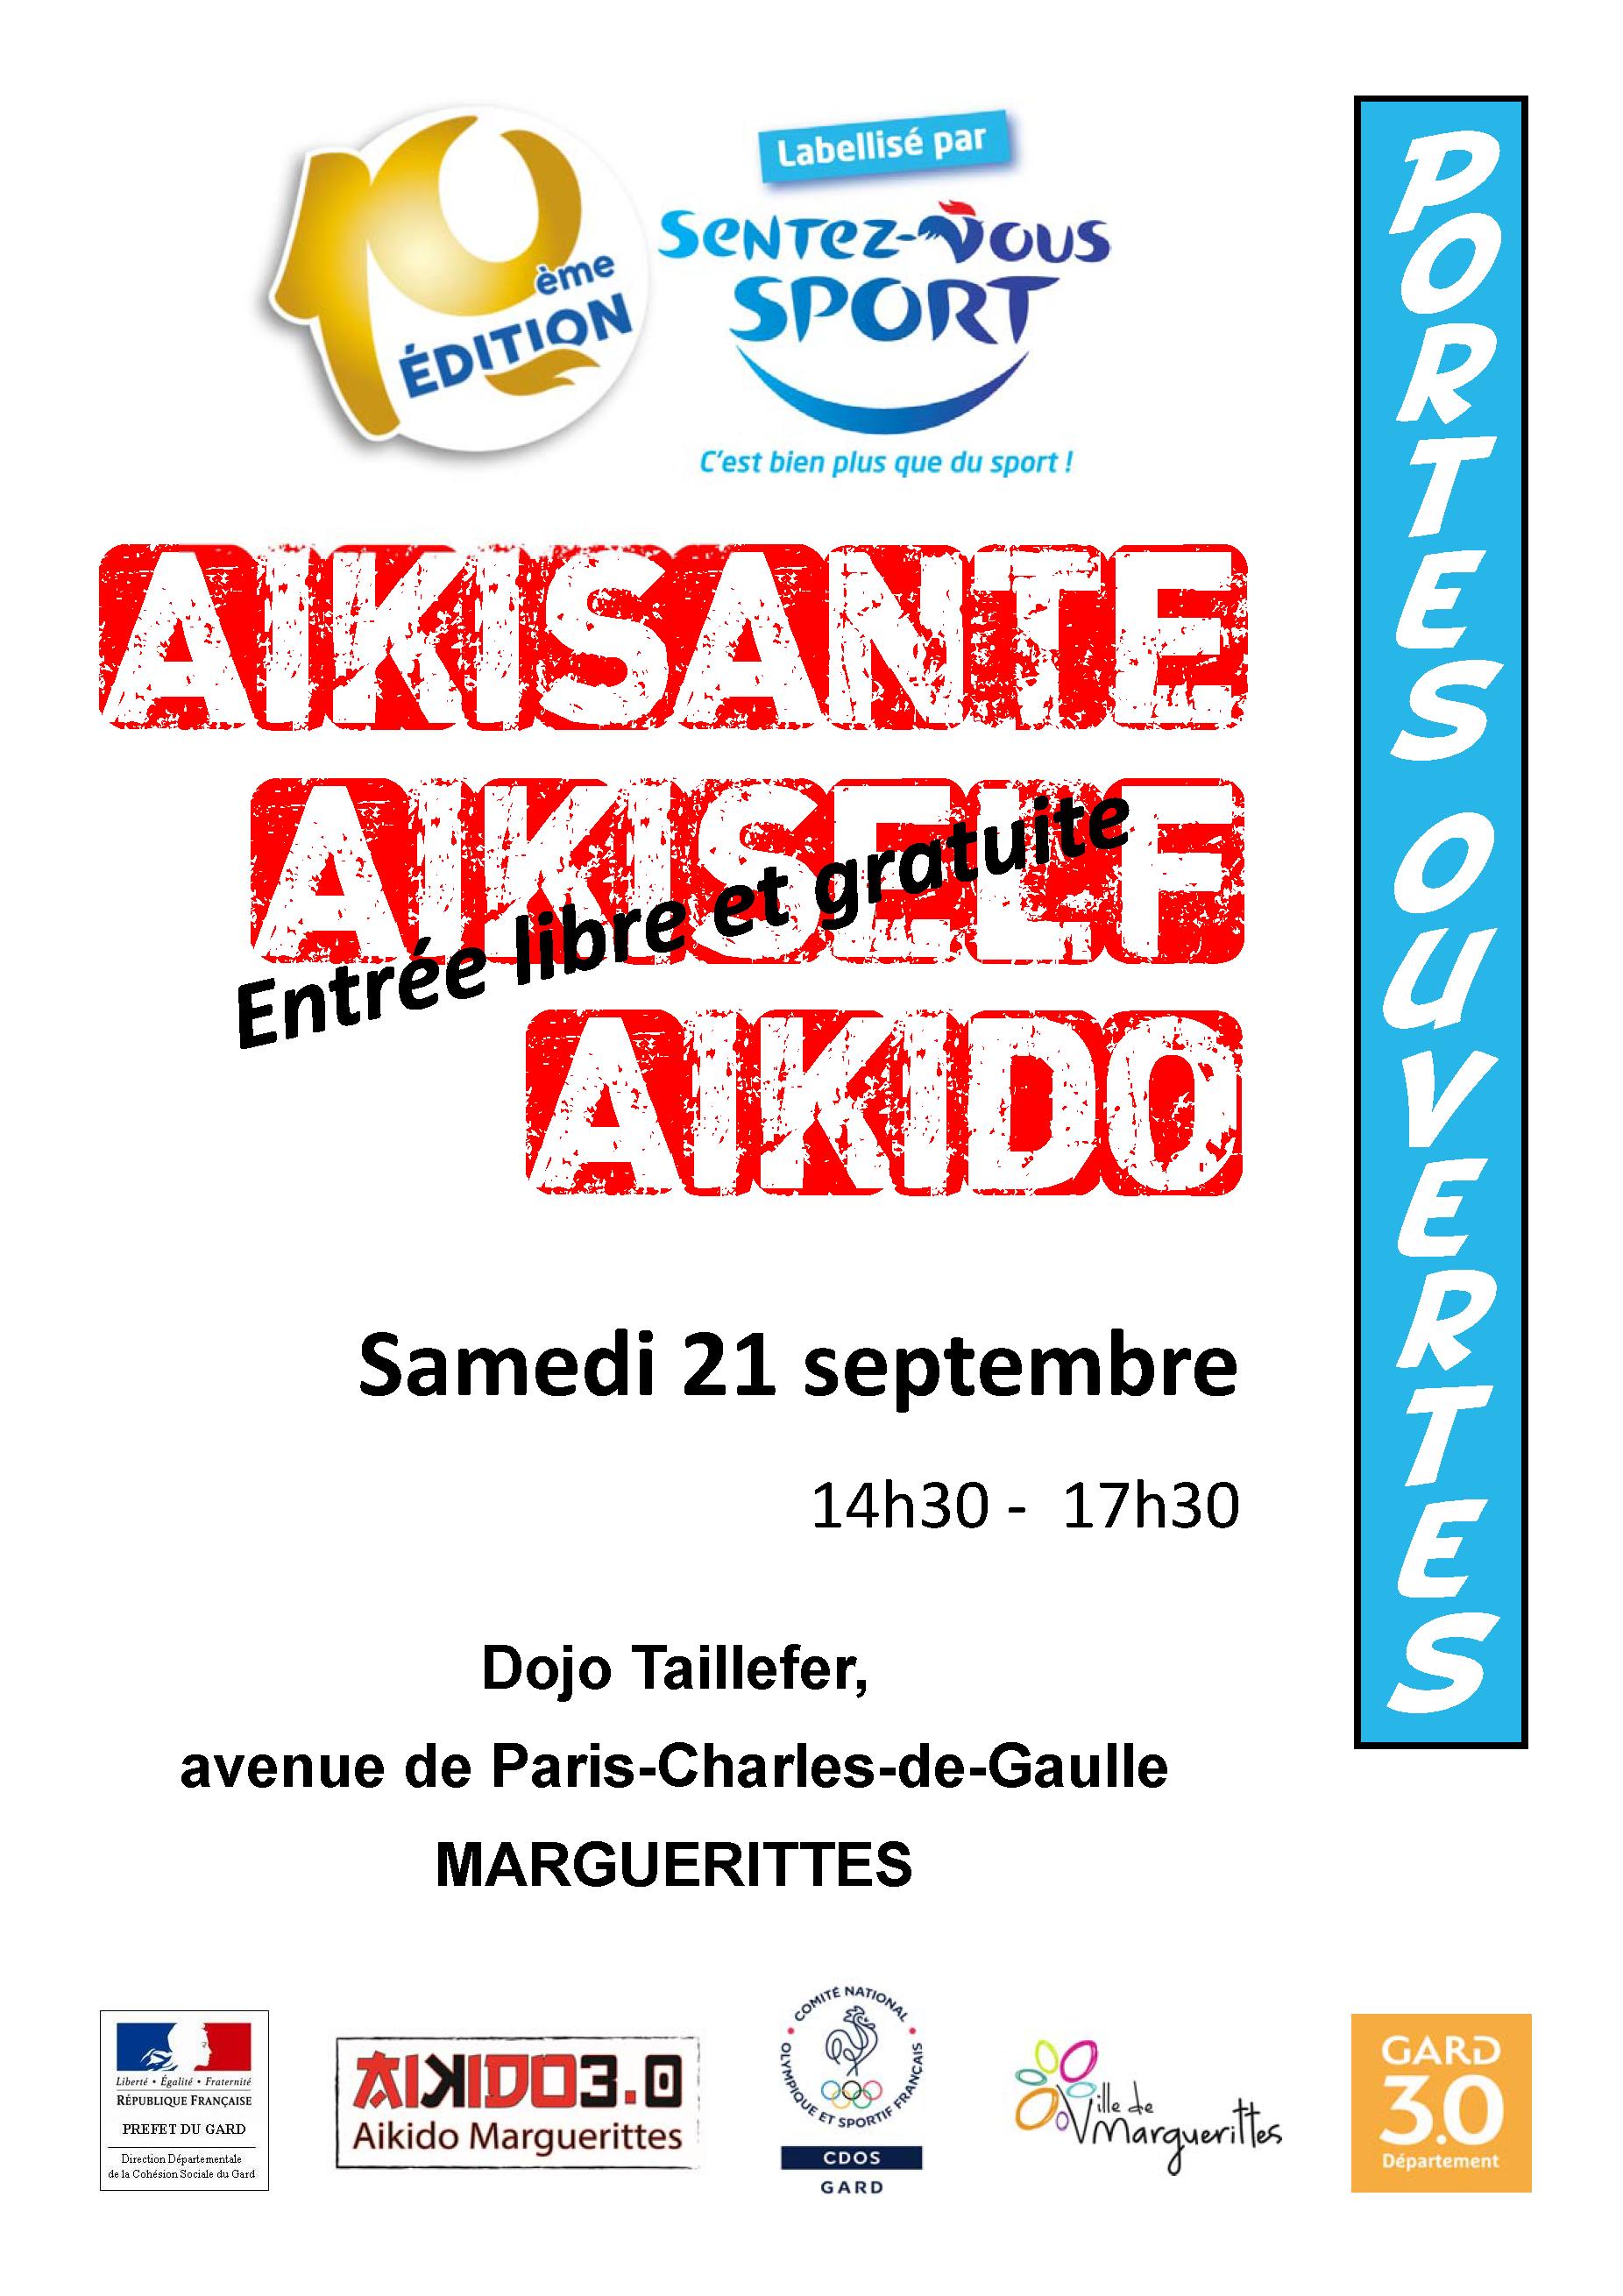 Sentez vous Sport et découvrez l'Aikido, l'Aikisanté et l'Aikiself samedi 21 septembre 14h30 – 17h30